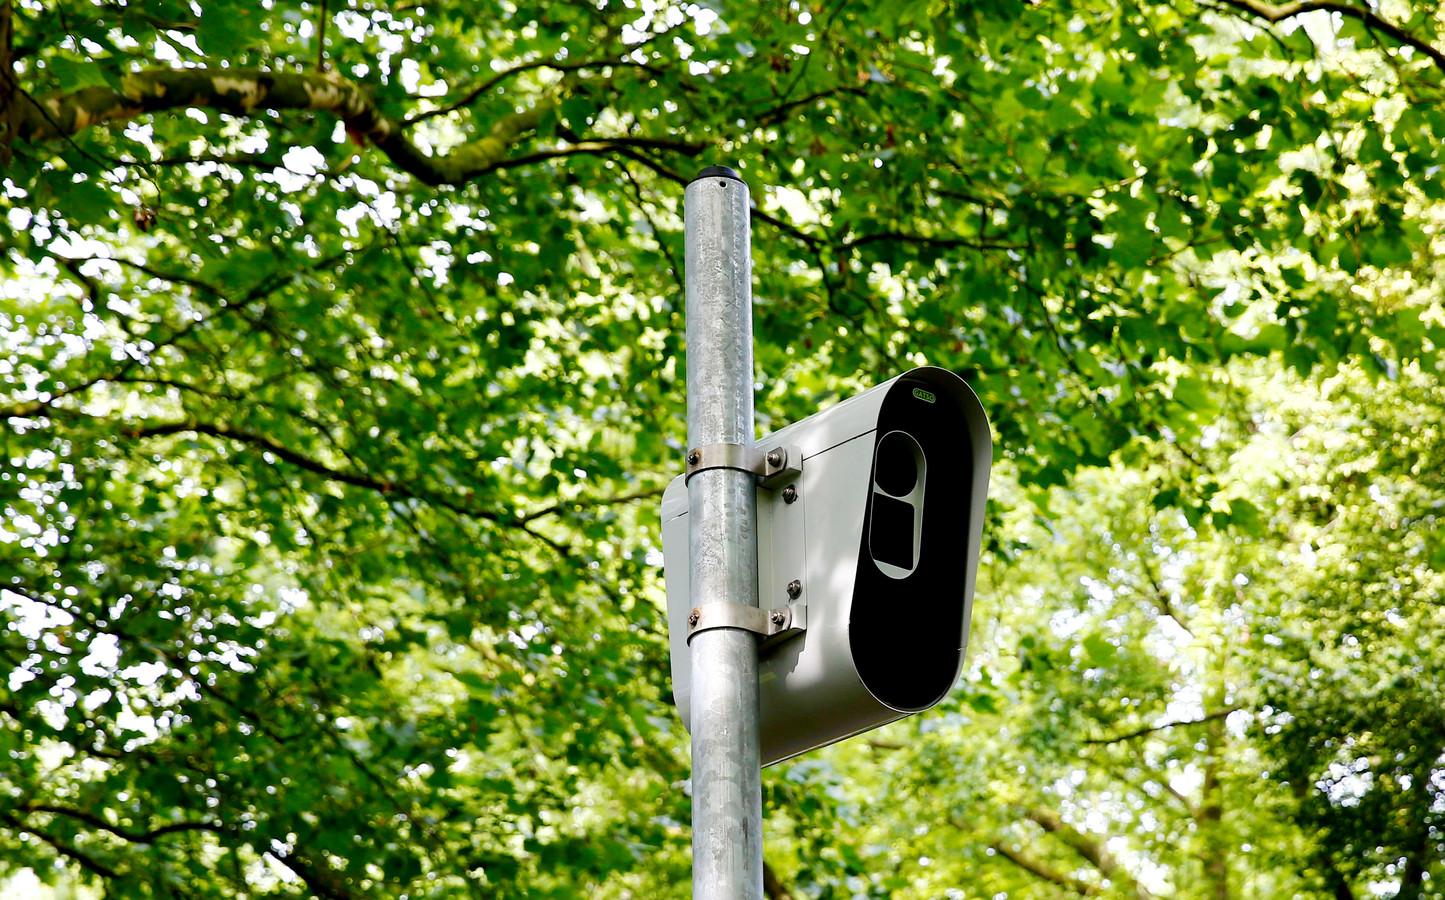 Op de parkeerterreinen van Zorgpark Voorburg in Vught worden extra camera's geplaatst.